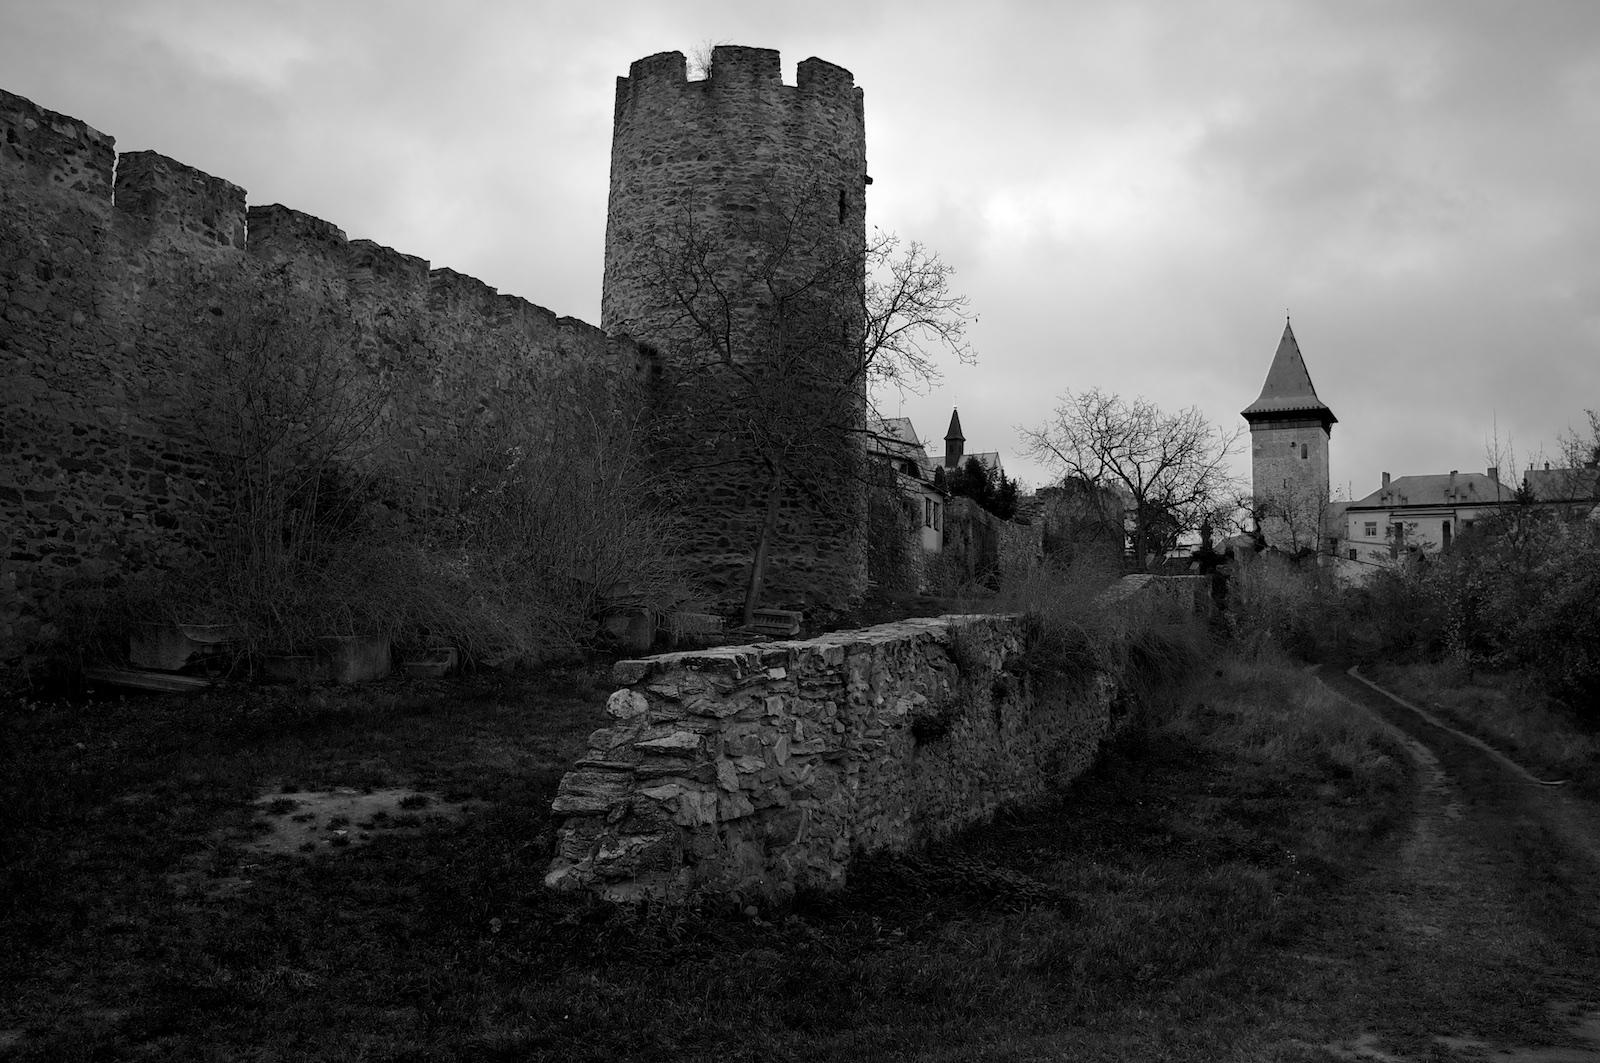 Černobílý víkend na Moravě